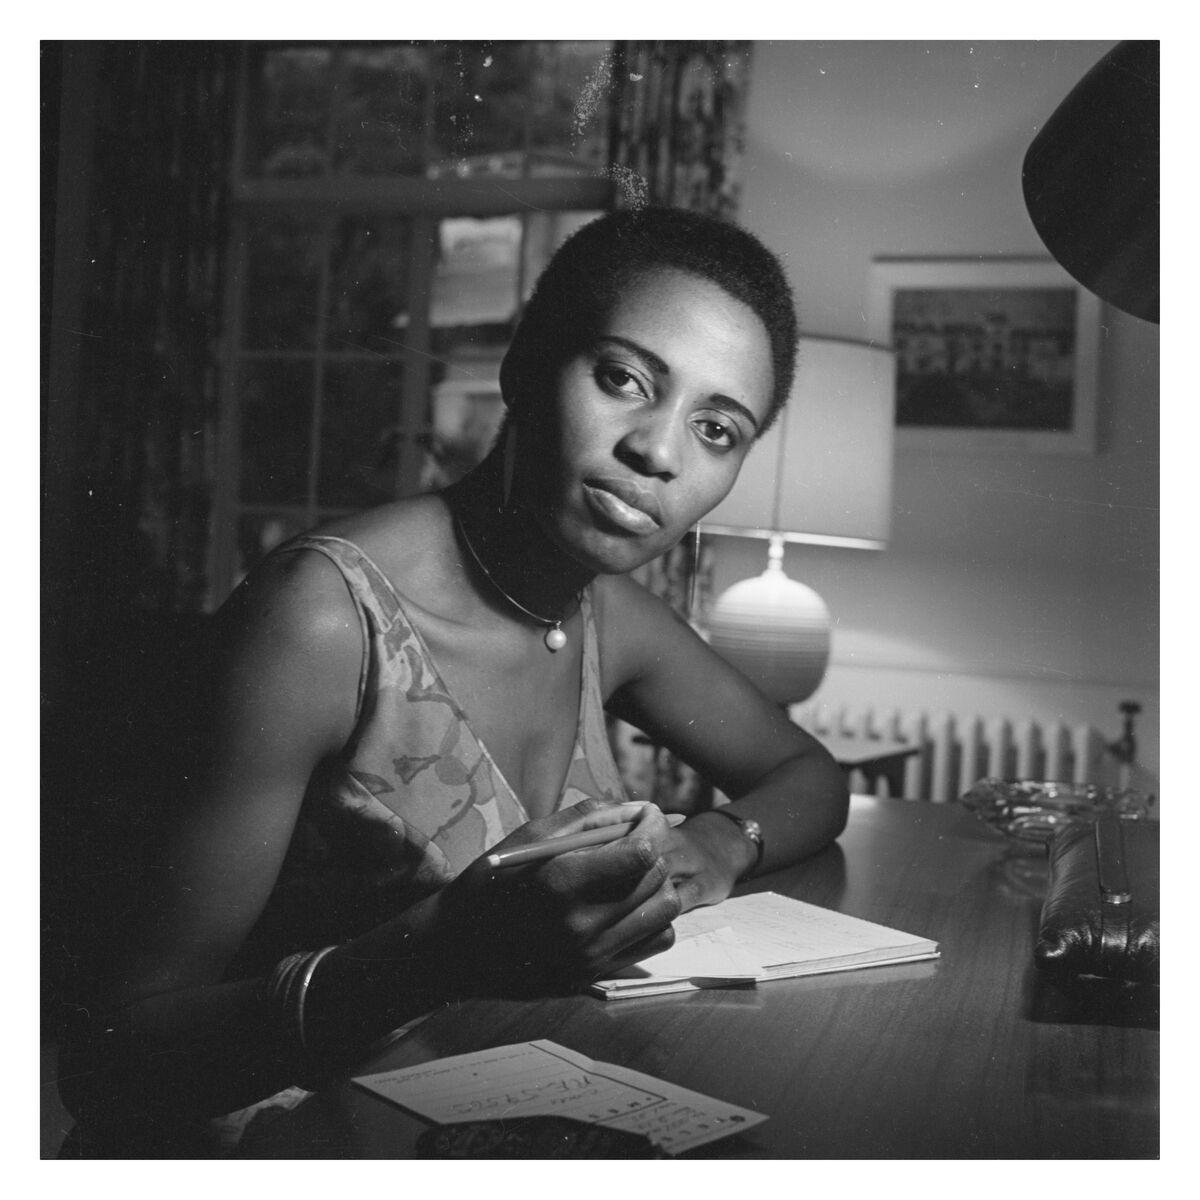 Priya Ramrakha, Miriam Makeba, c. 1963. © Priya Ramrakha. Courtesy of Kehrer.